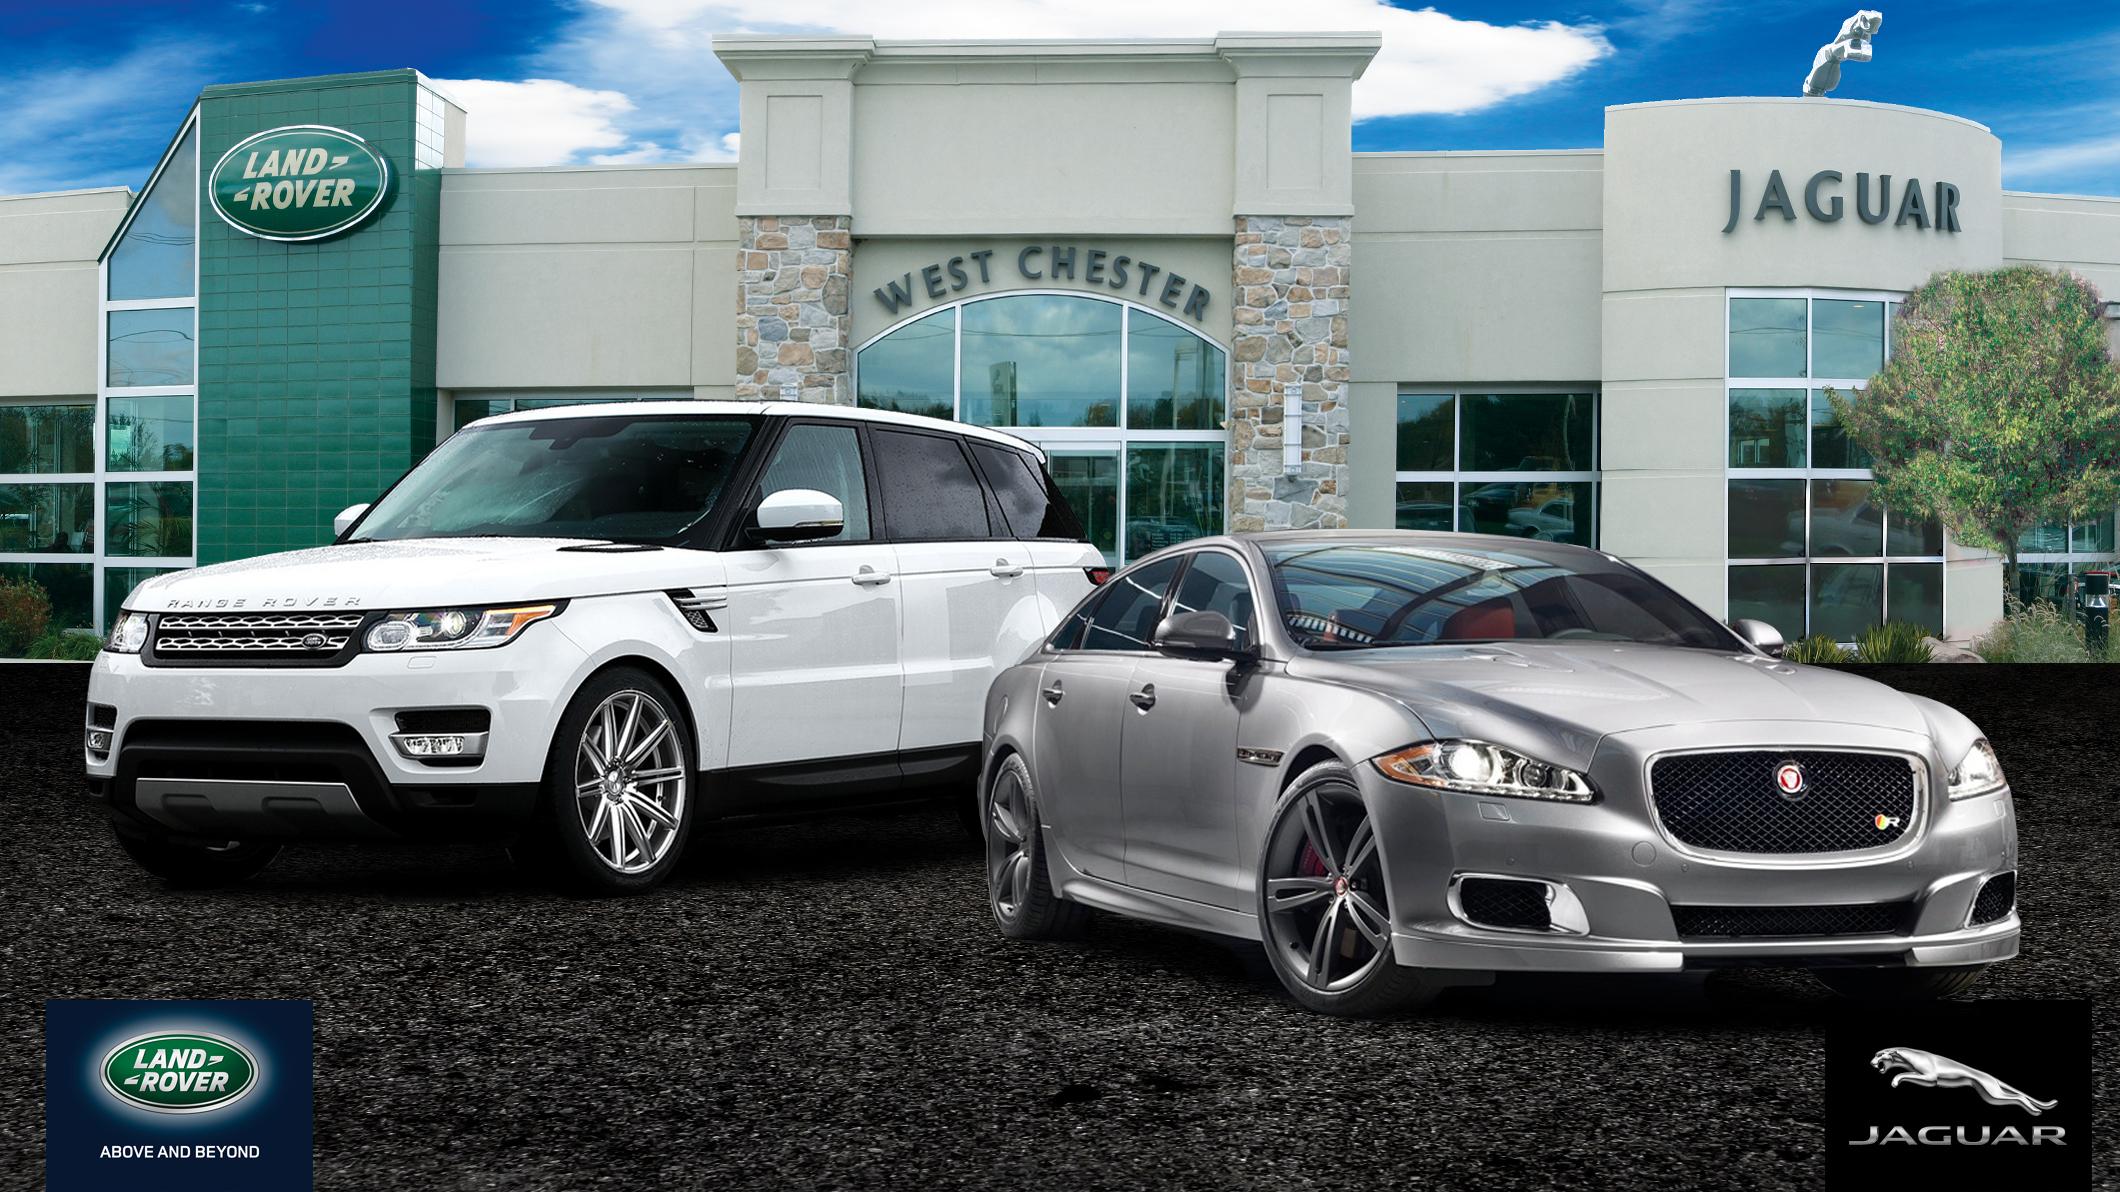 jaguar land rover usar aluminio reciclado en sus coches comunidadrse. Black Bedroom Furniture Sets. Home Design Ideas